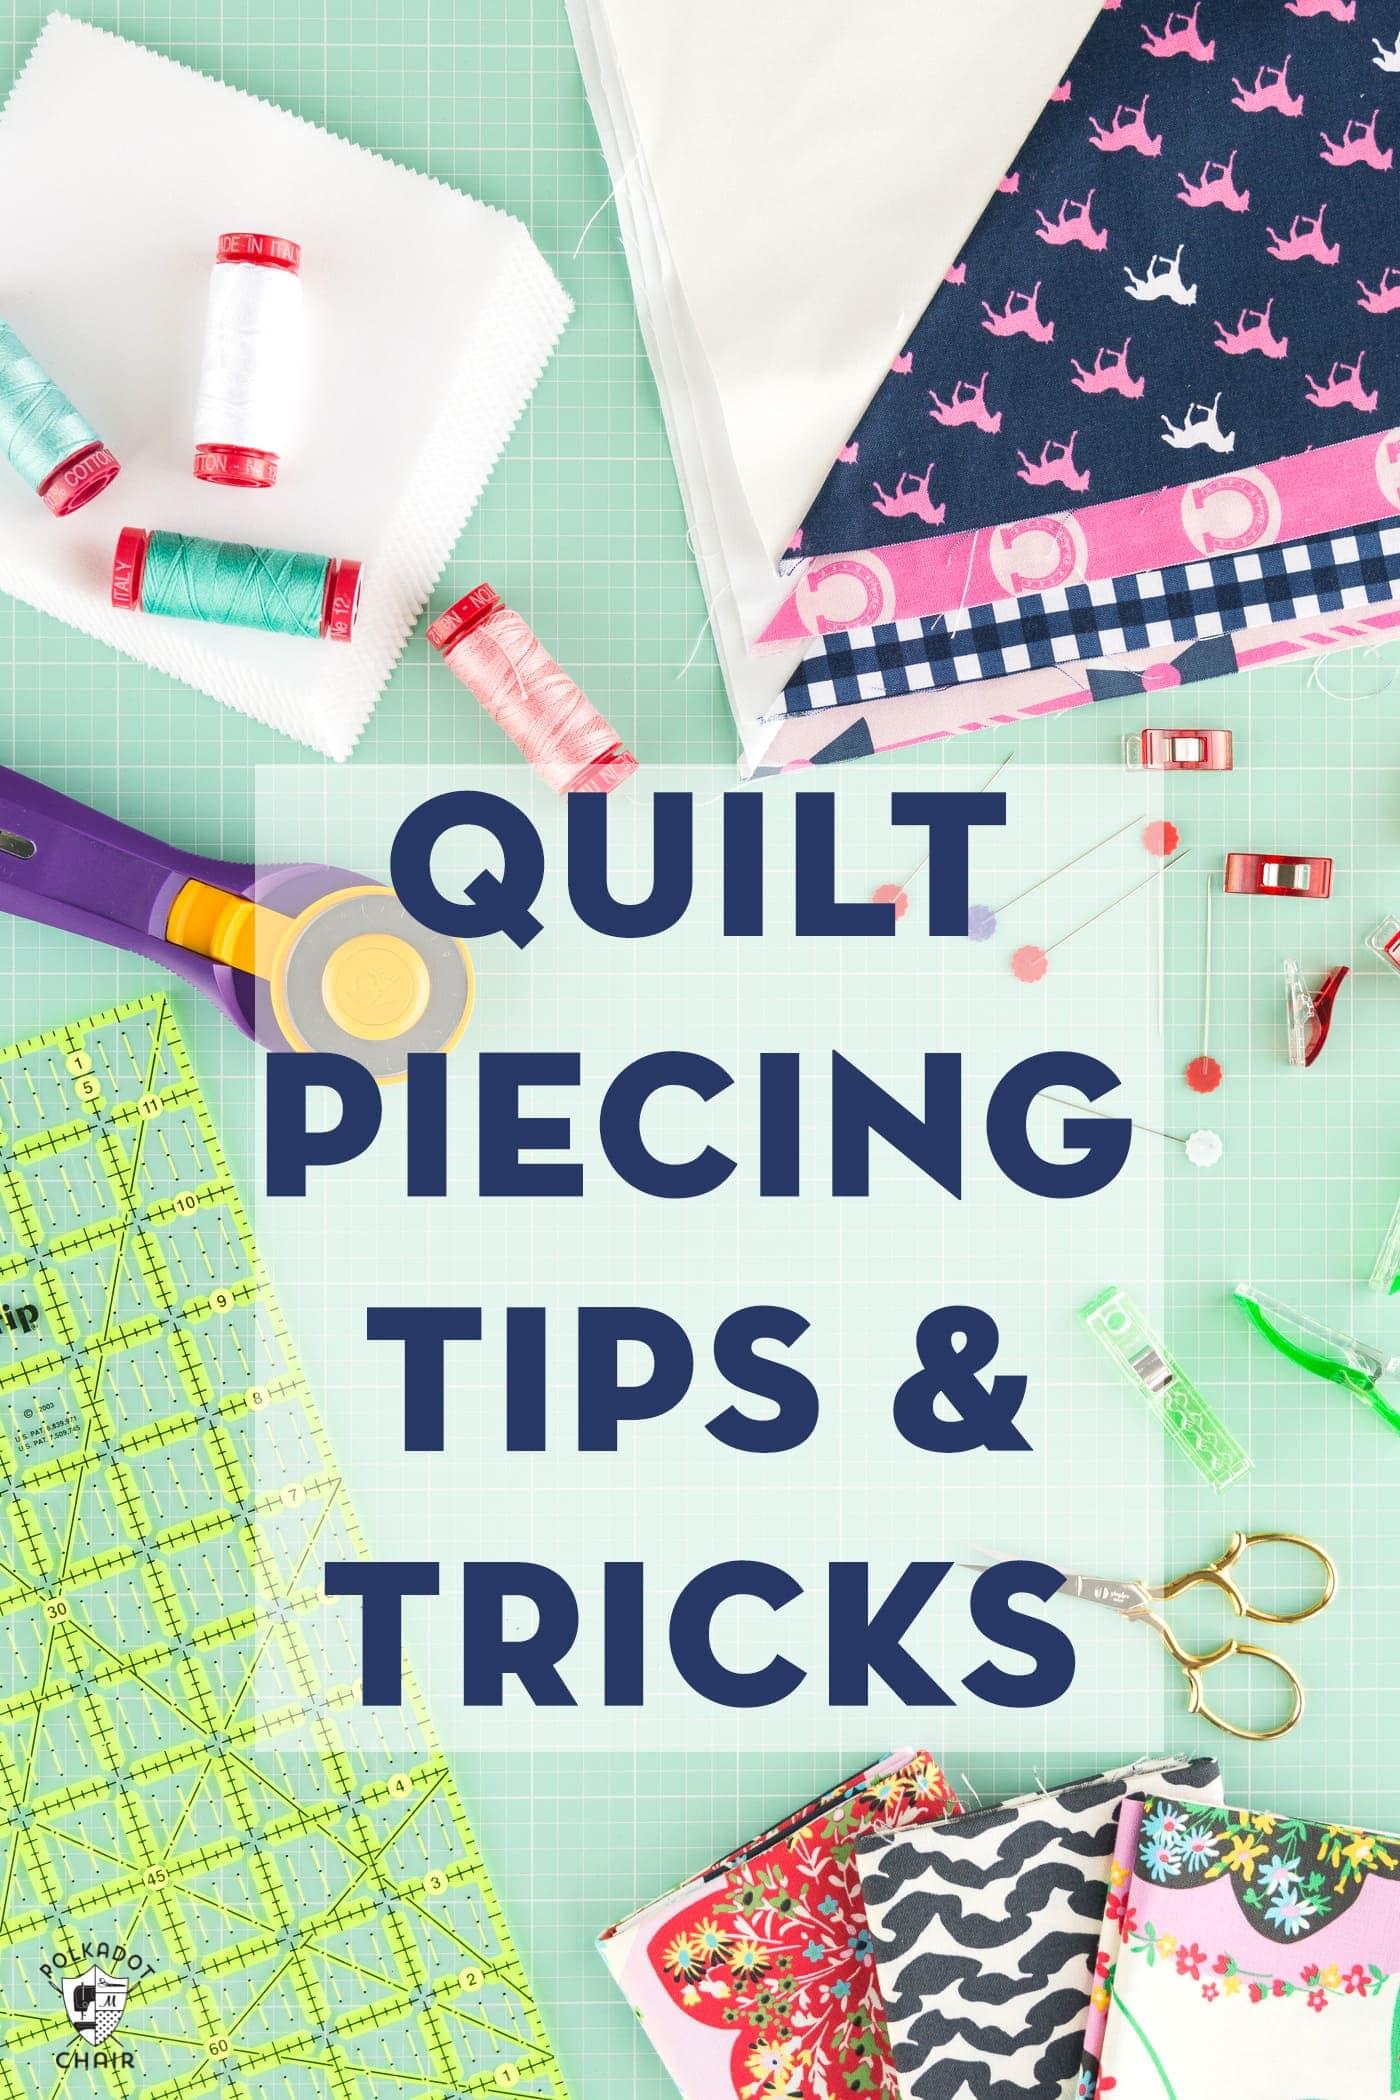 quilt piecing tips